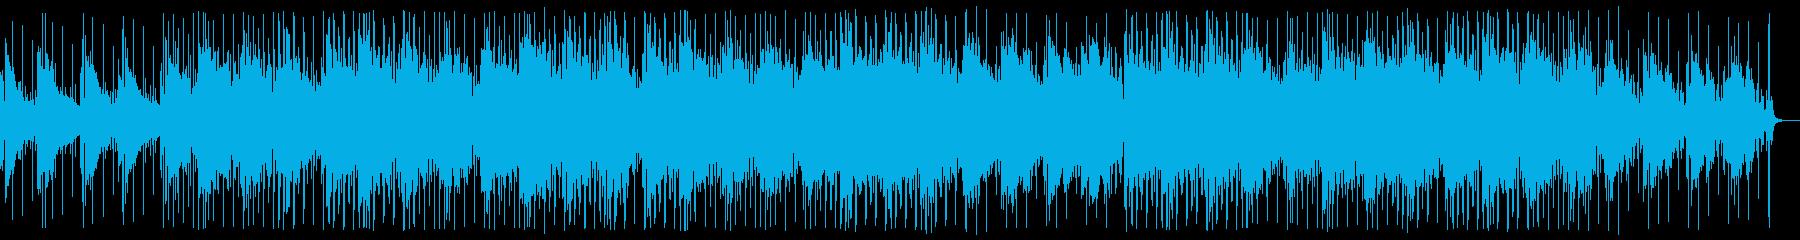 アシッドジャズ・夜の首都高ドライブの再生済みの波形